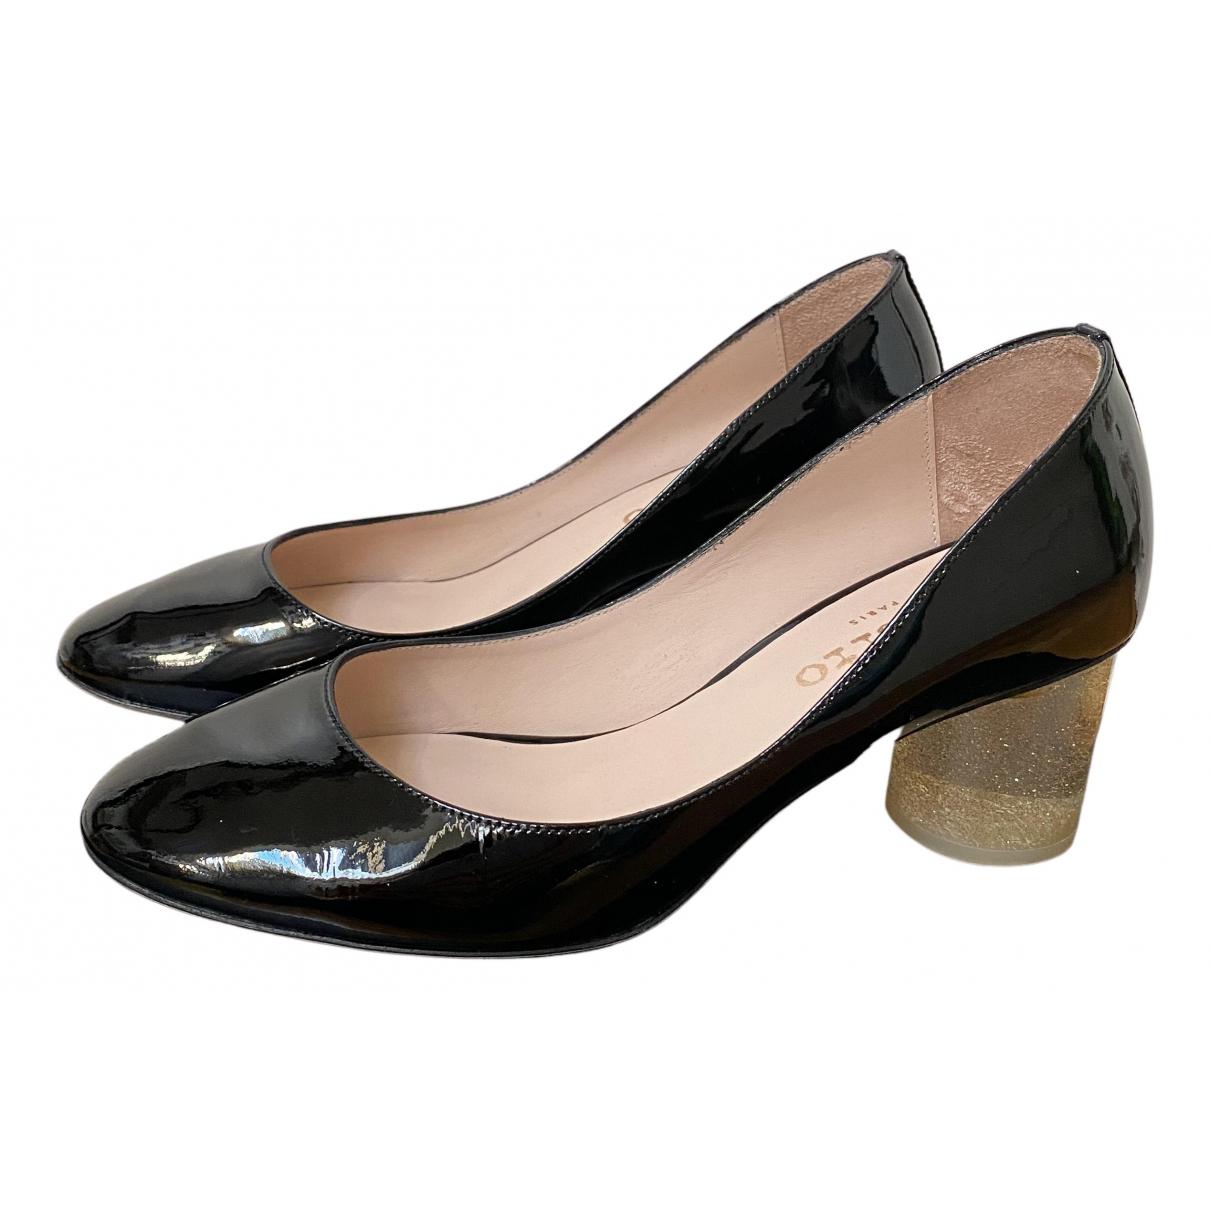 Repetto - Escarpins   pour femme en cuir verni - noir